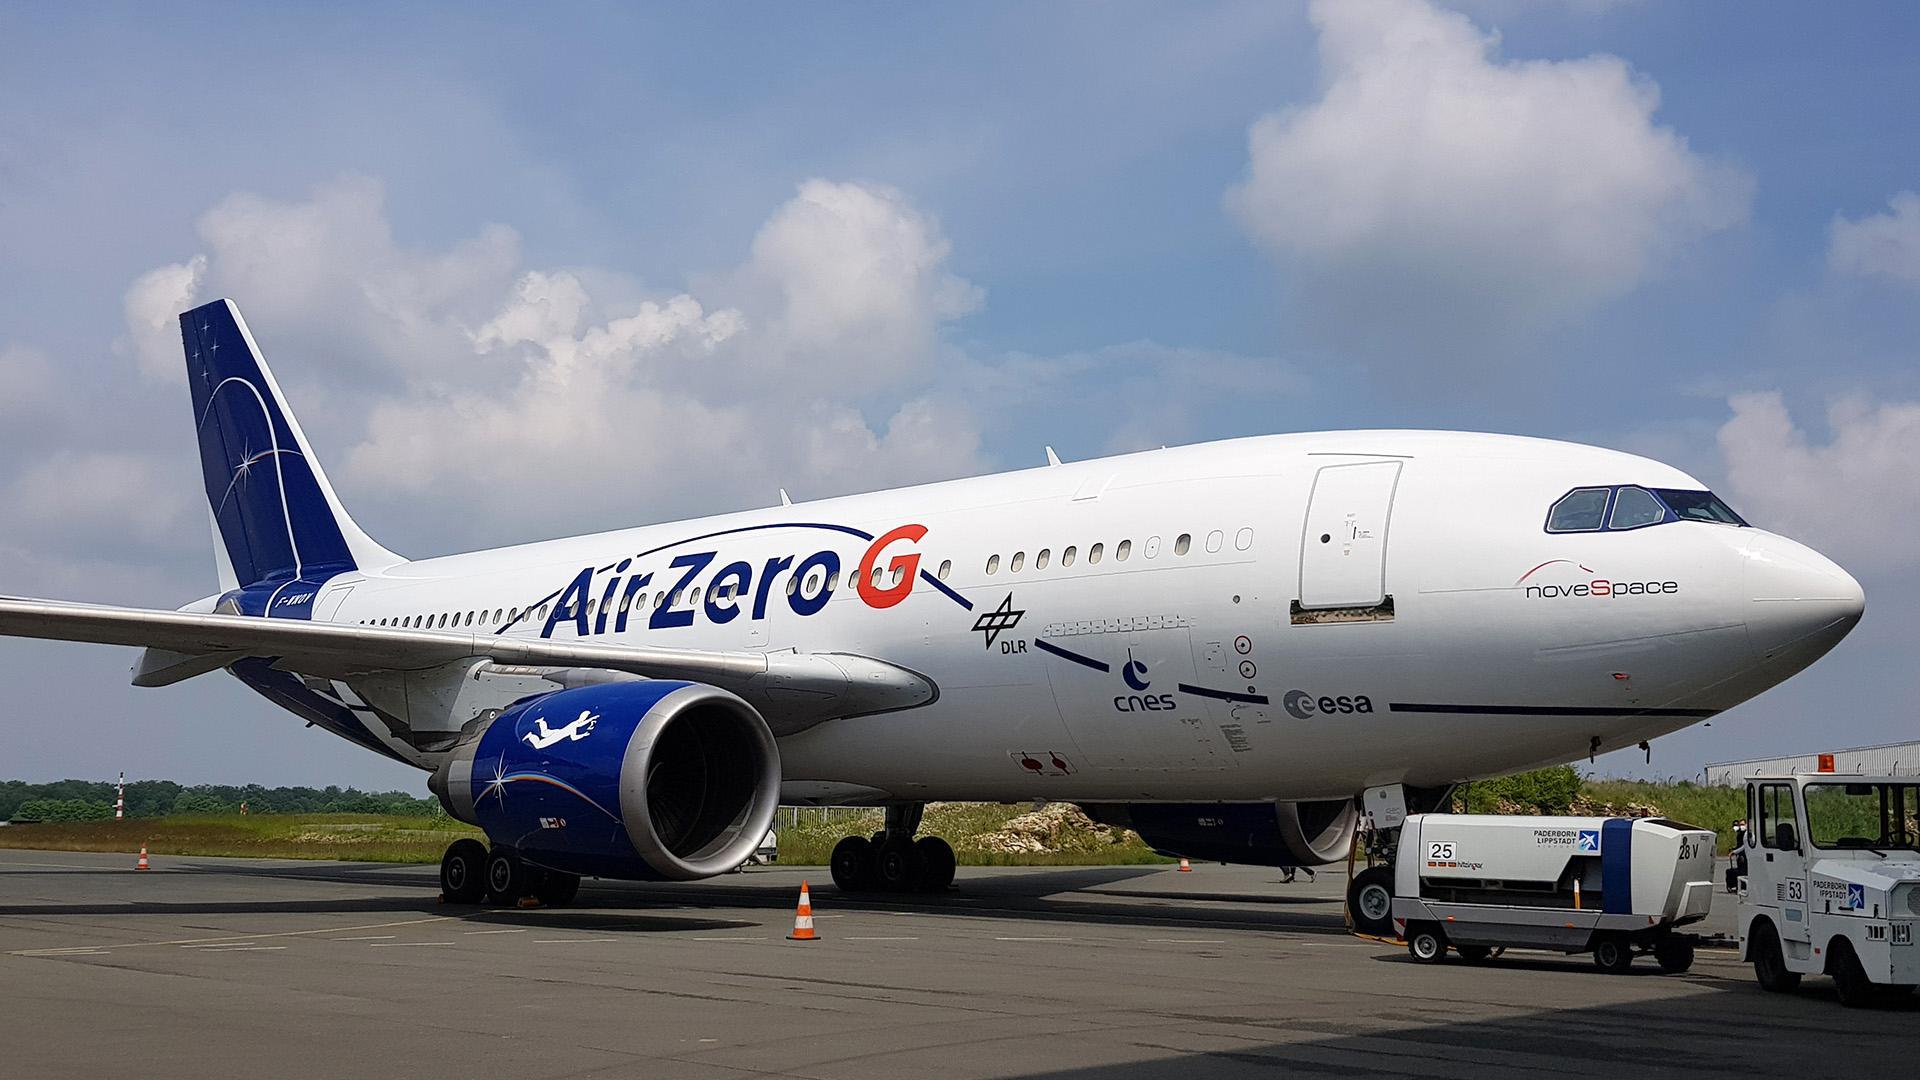 Airbus A310 ZERO-G: Bereit für die 36. DLR-Parabelflugkampagne